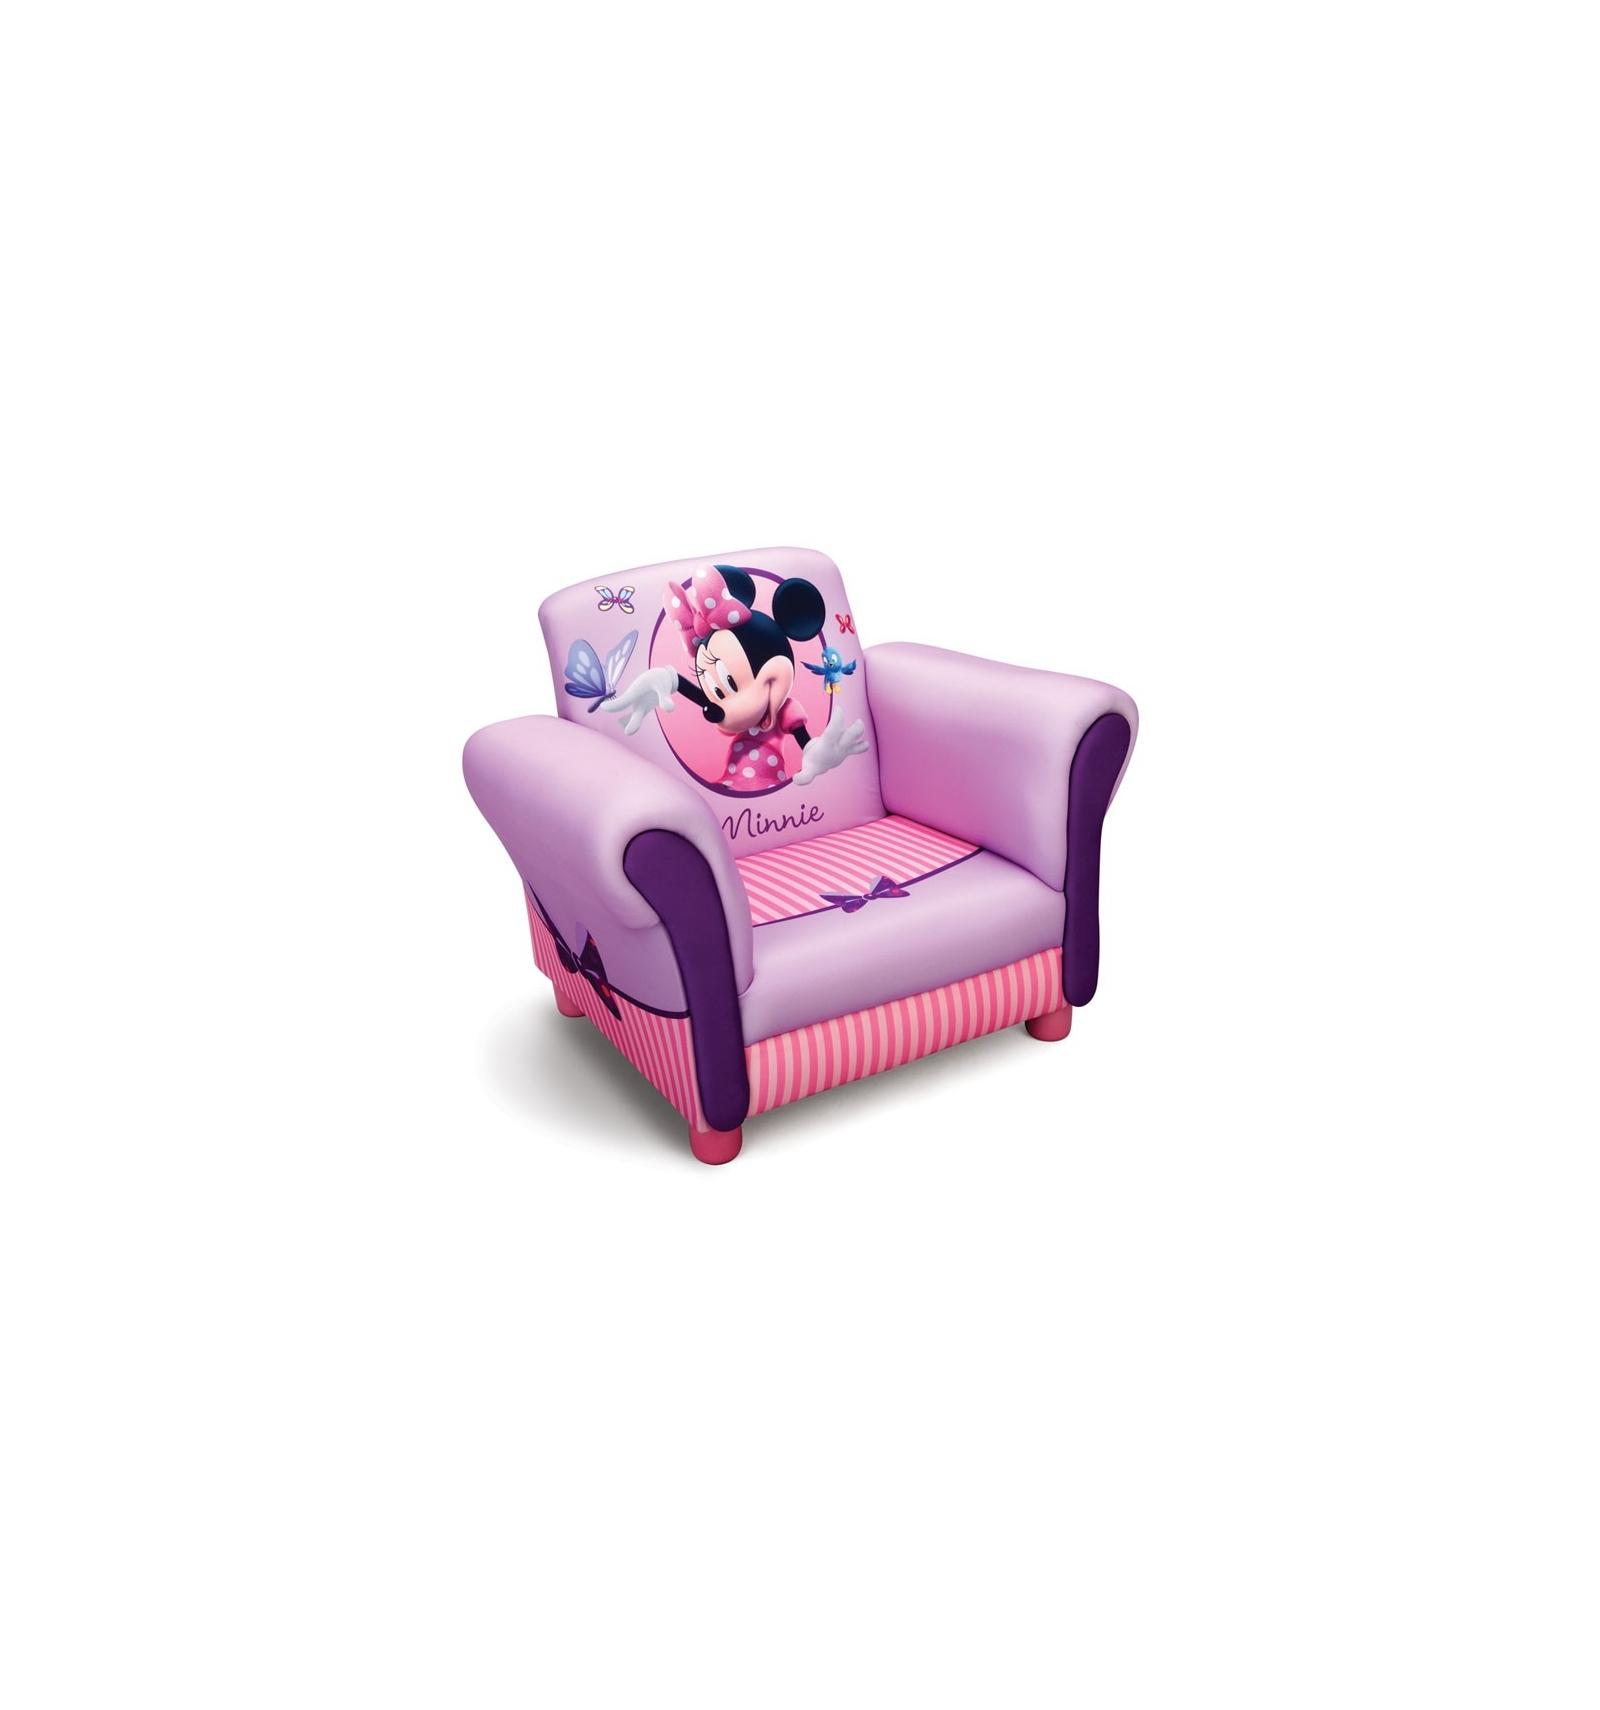 niedlich minni maus doppelbettrahmen zeitgen ssisch bilderrahmen ideen. Black Bedroom Furniture Sets. Home Design Ideas